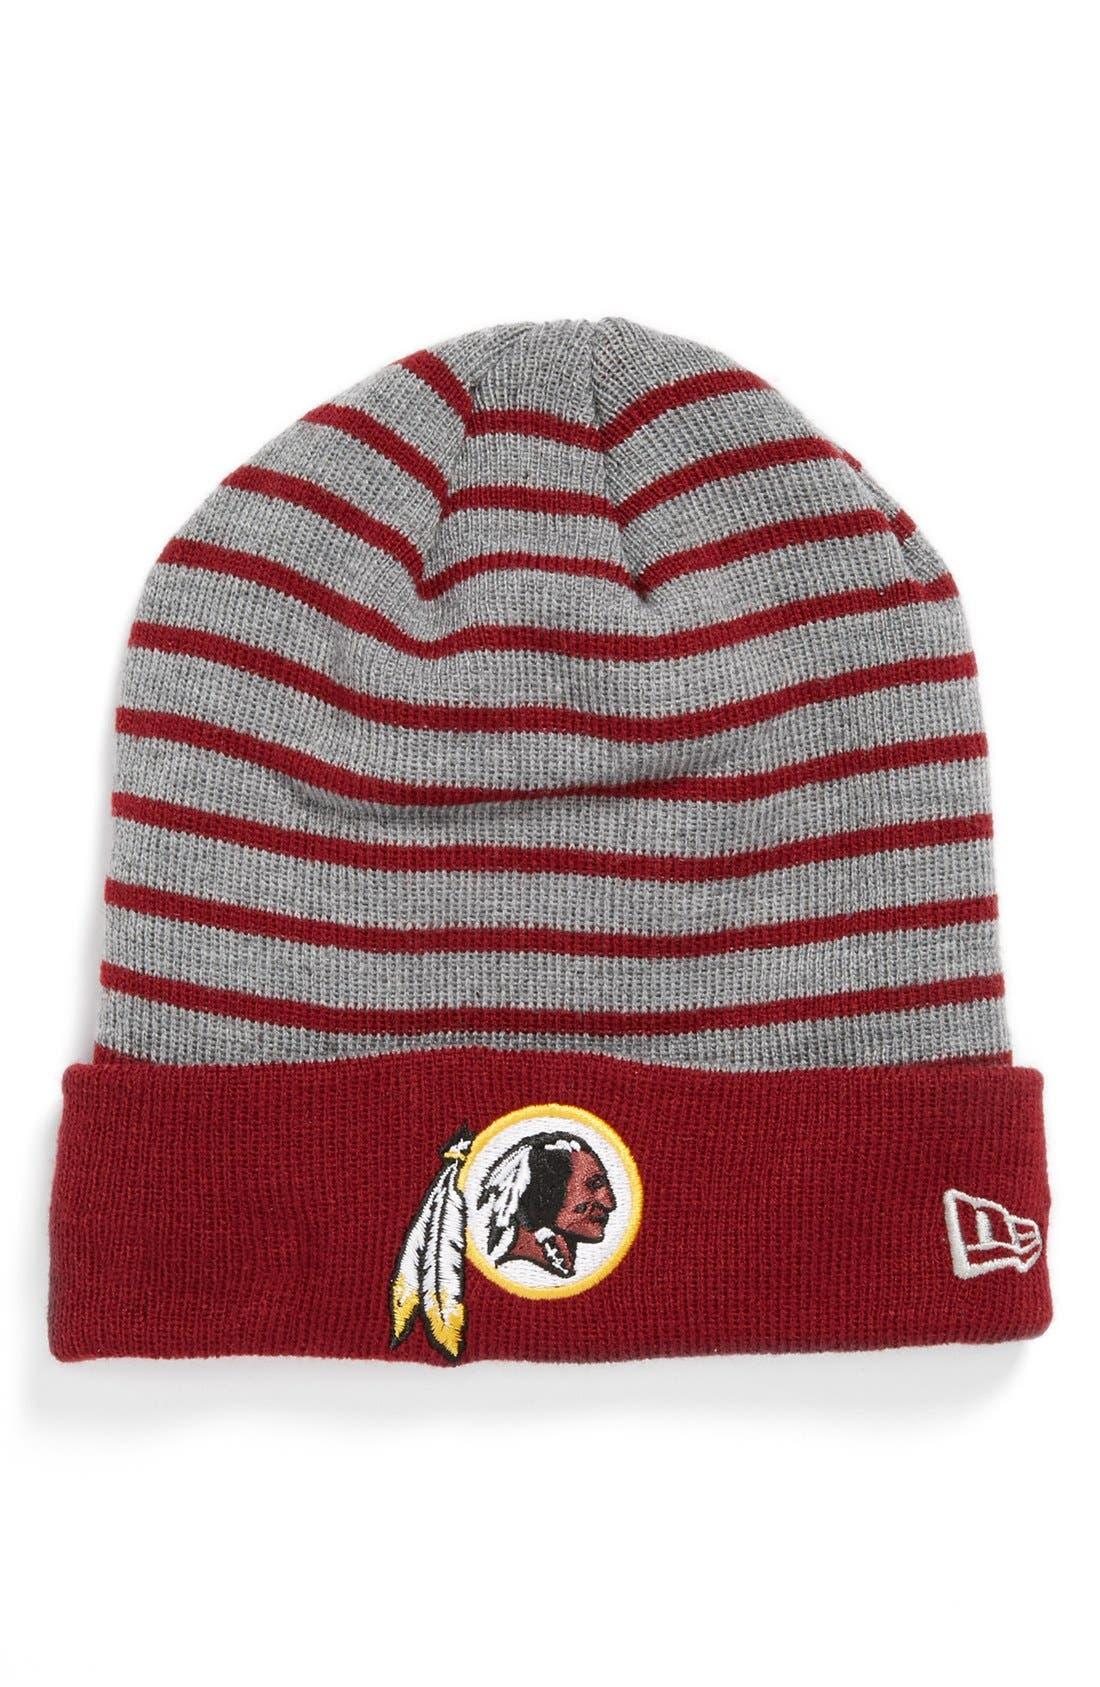 Alternate Image 1 Selected - New Era Cap 'H Stripe - Washington Redskins' Knit Cap